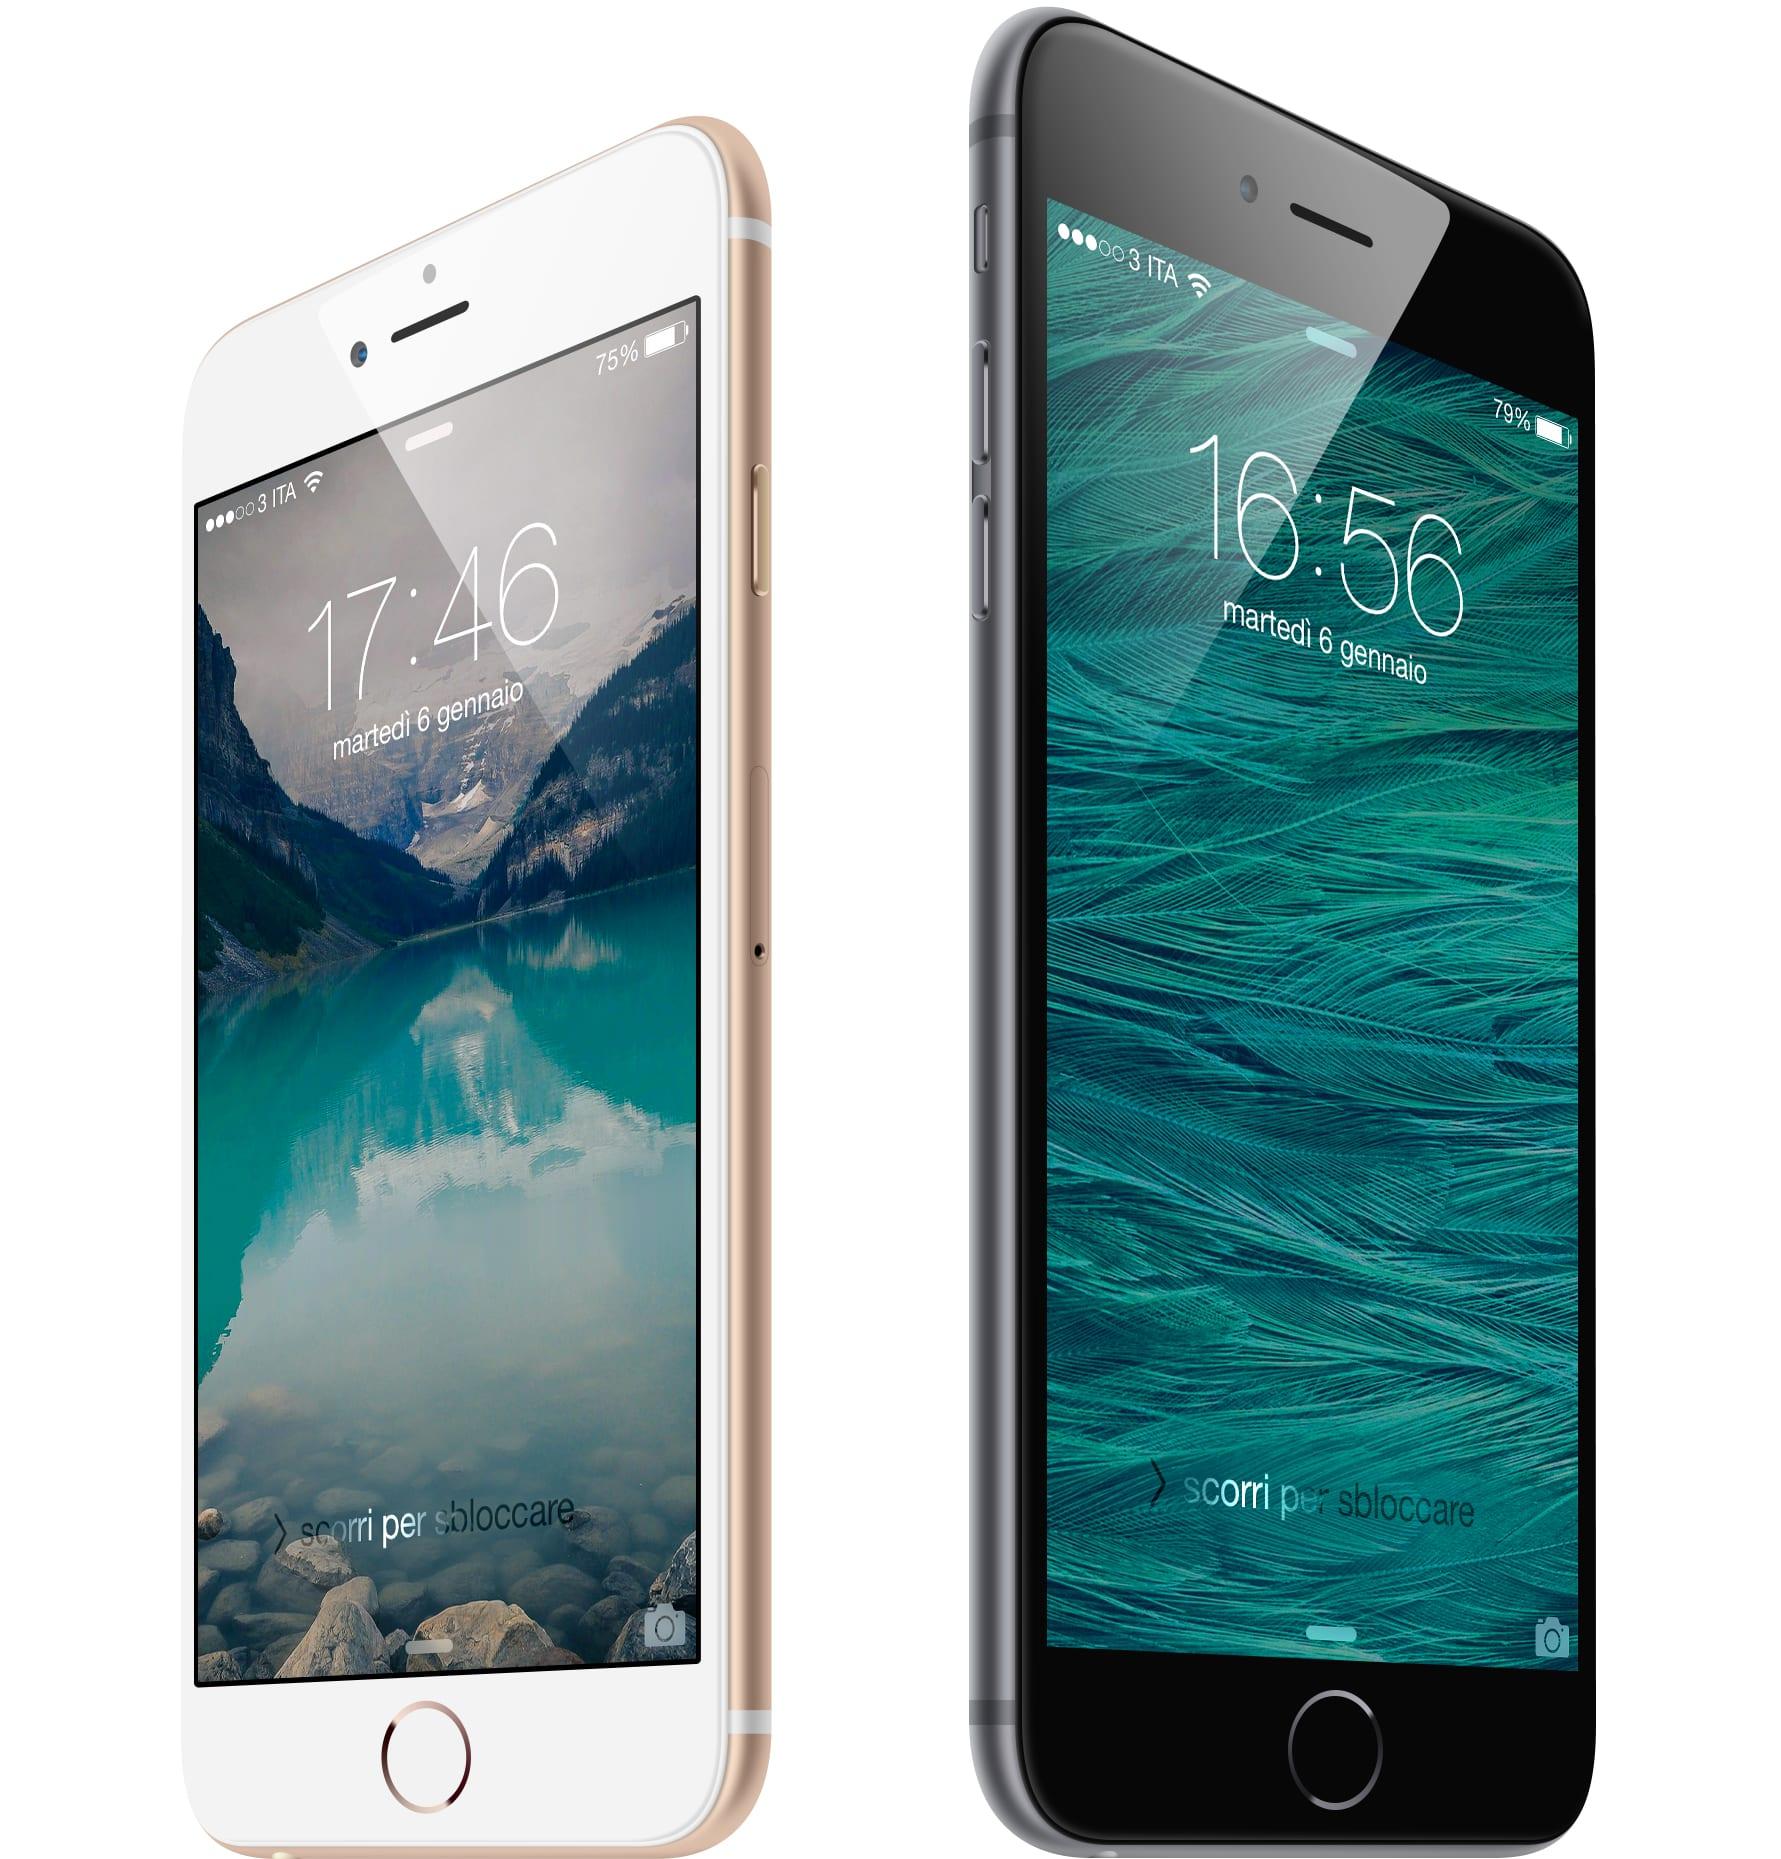 #WallpaperSelection #54: Scarica Gratis i nuovi Sfondi di iSpazio per il tuo iPhone ed iPad [DOWNLOAD]